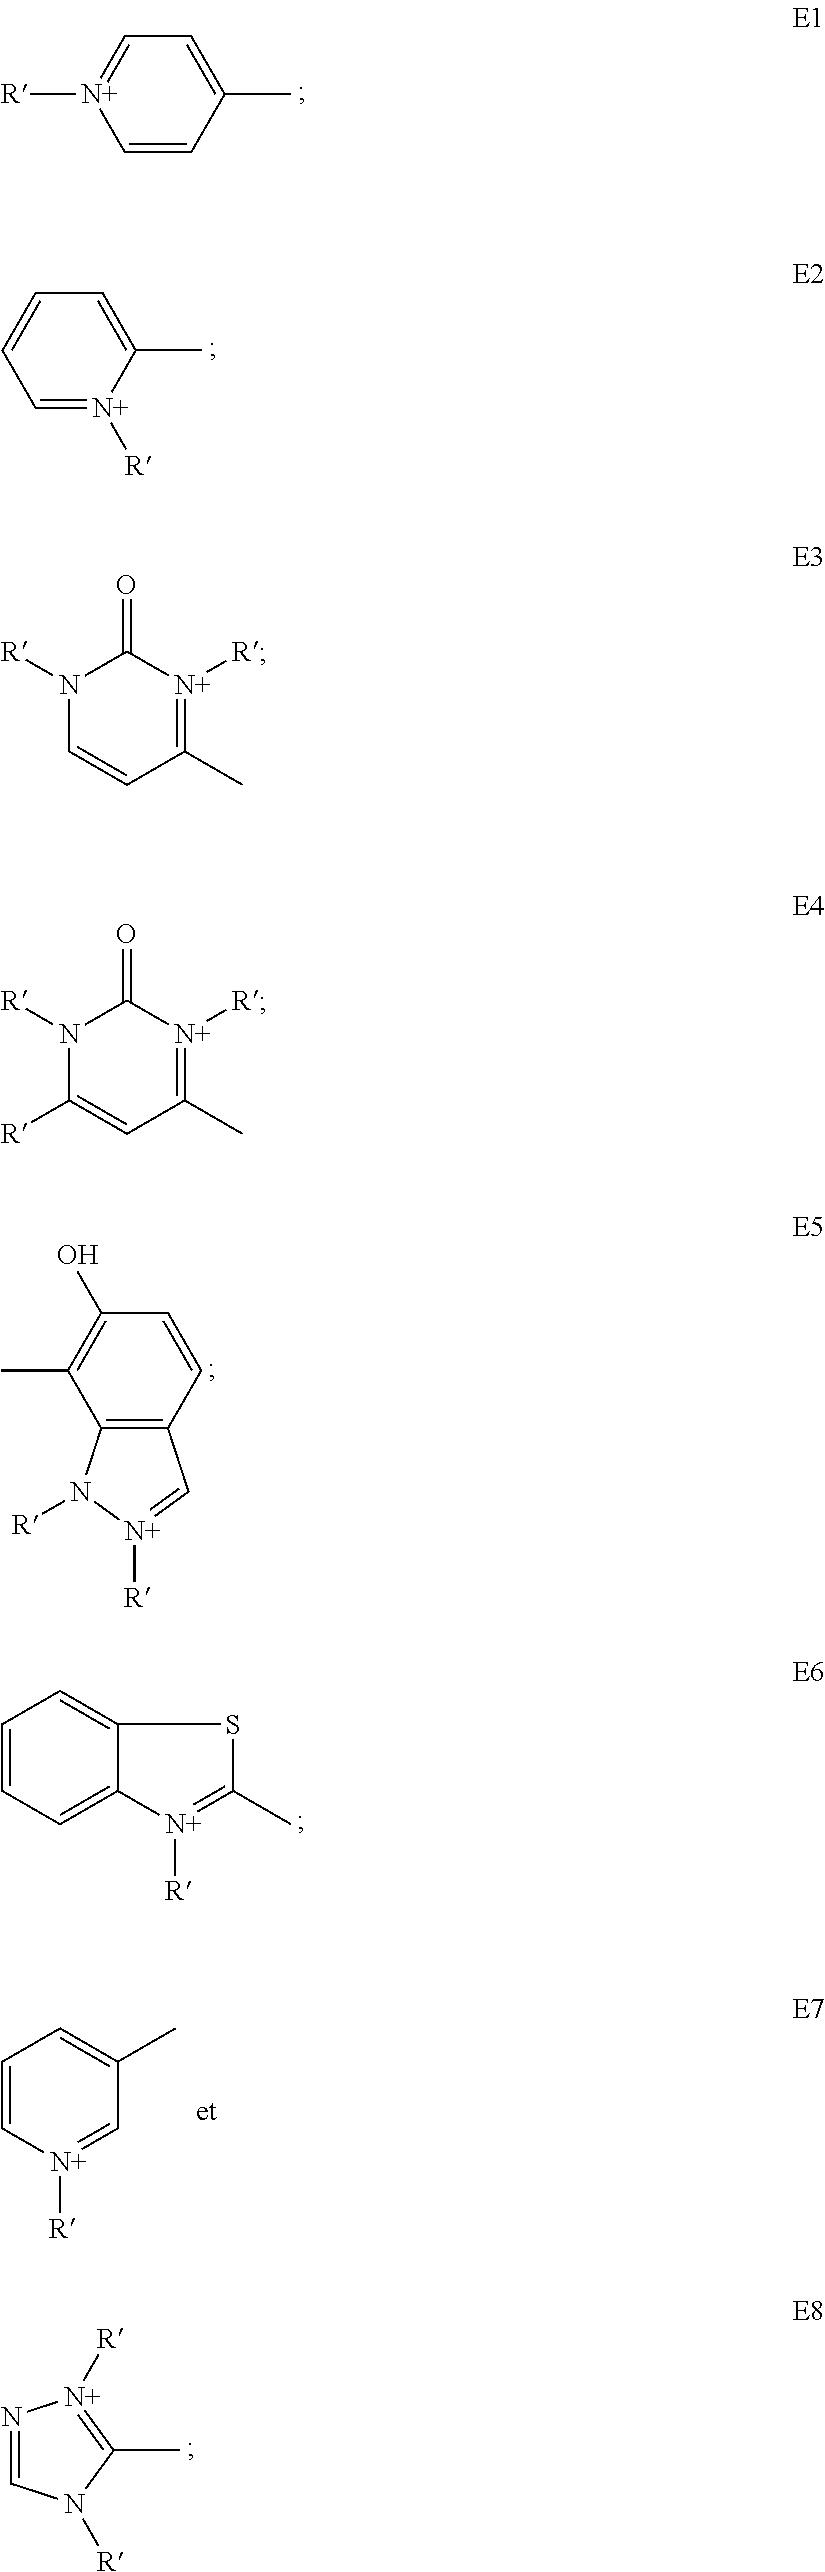 Figure US08118884-20120221-C00019